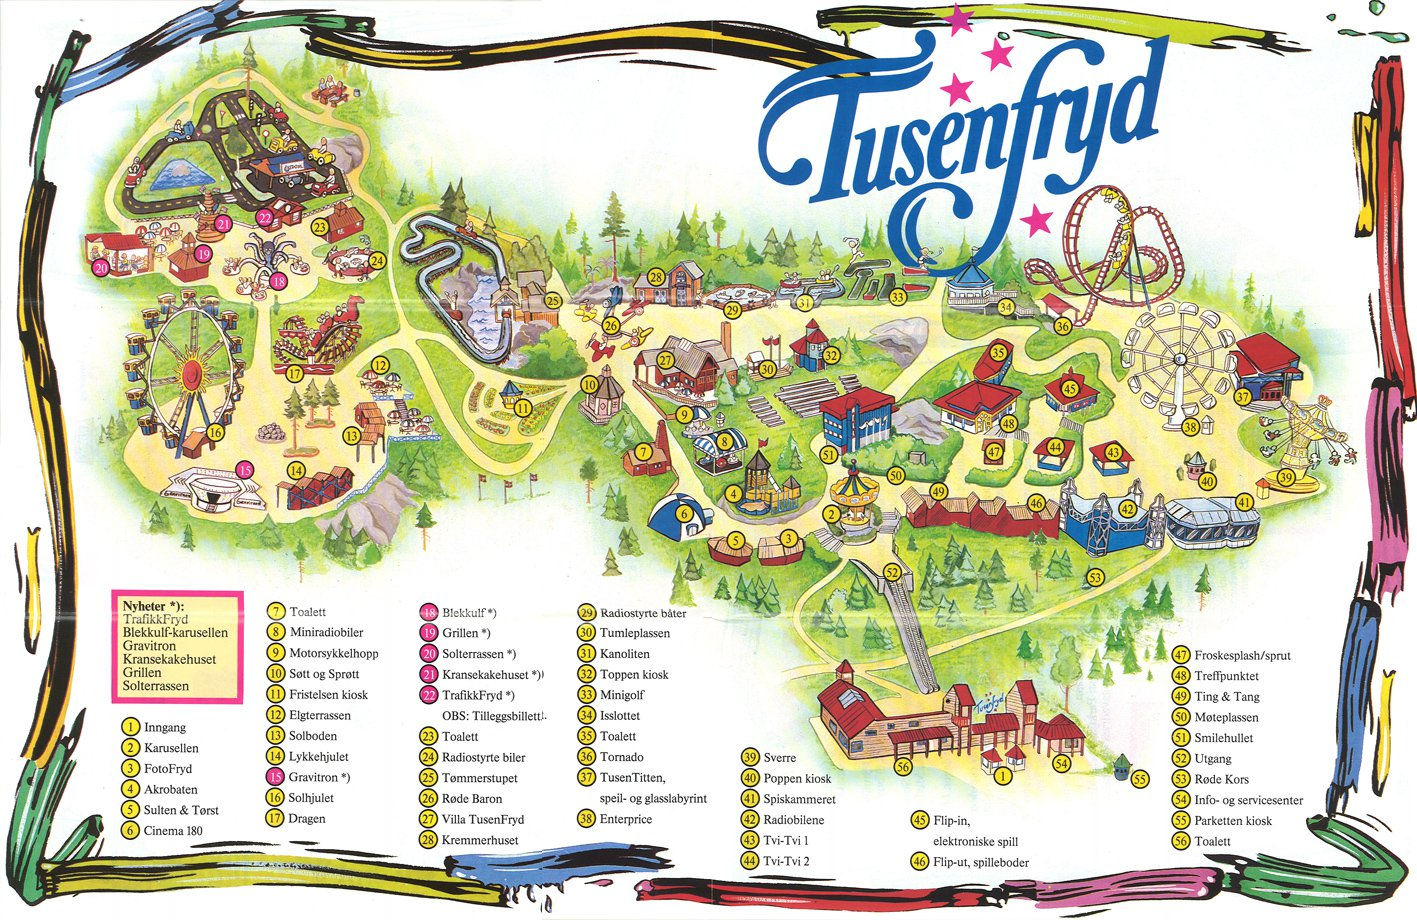 File:Parkkart fra TusenFryd (1990).jpg - Wikimedia Commons